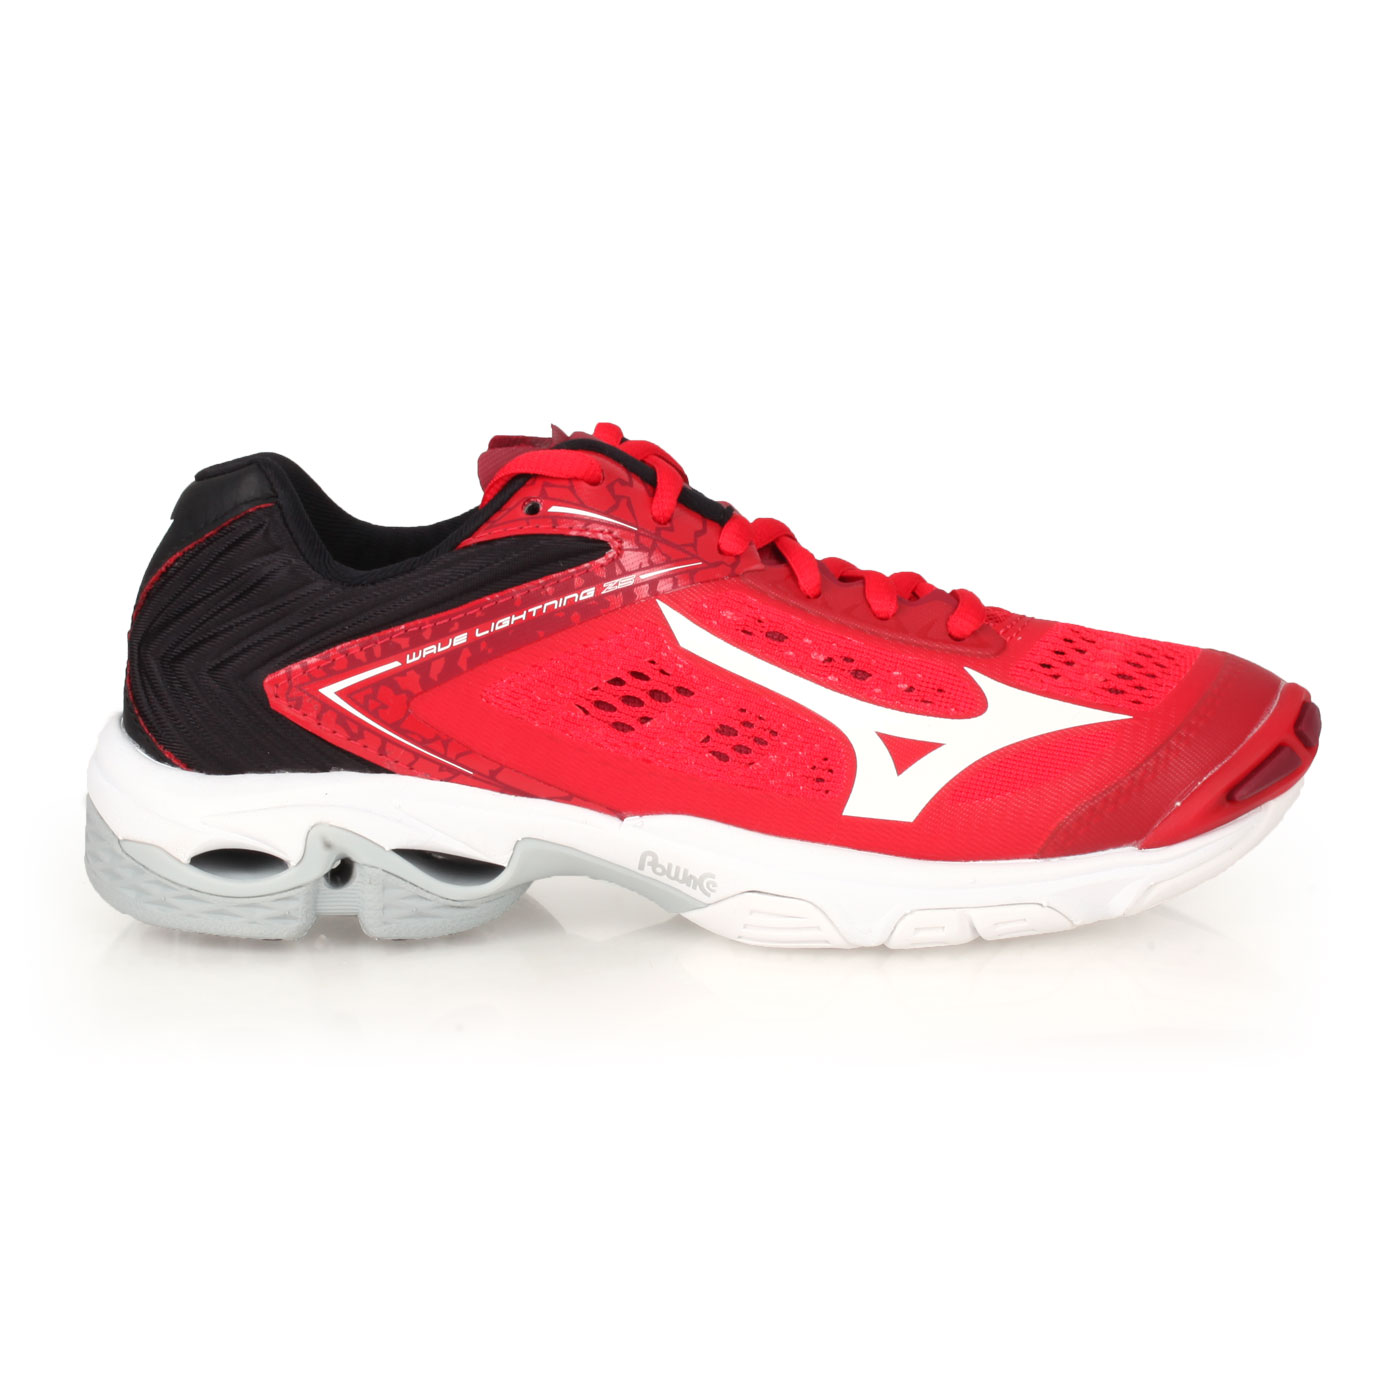 MIZUNO 特定限量獨家款-男女排球鞋  @WAVE LIGHTNING Z5@V1GA190062